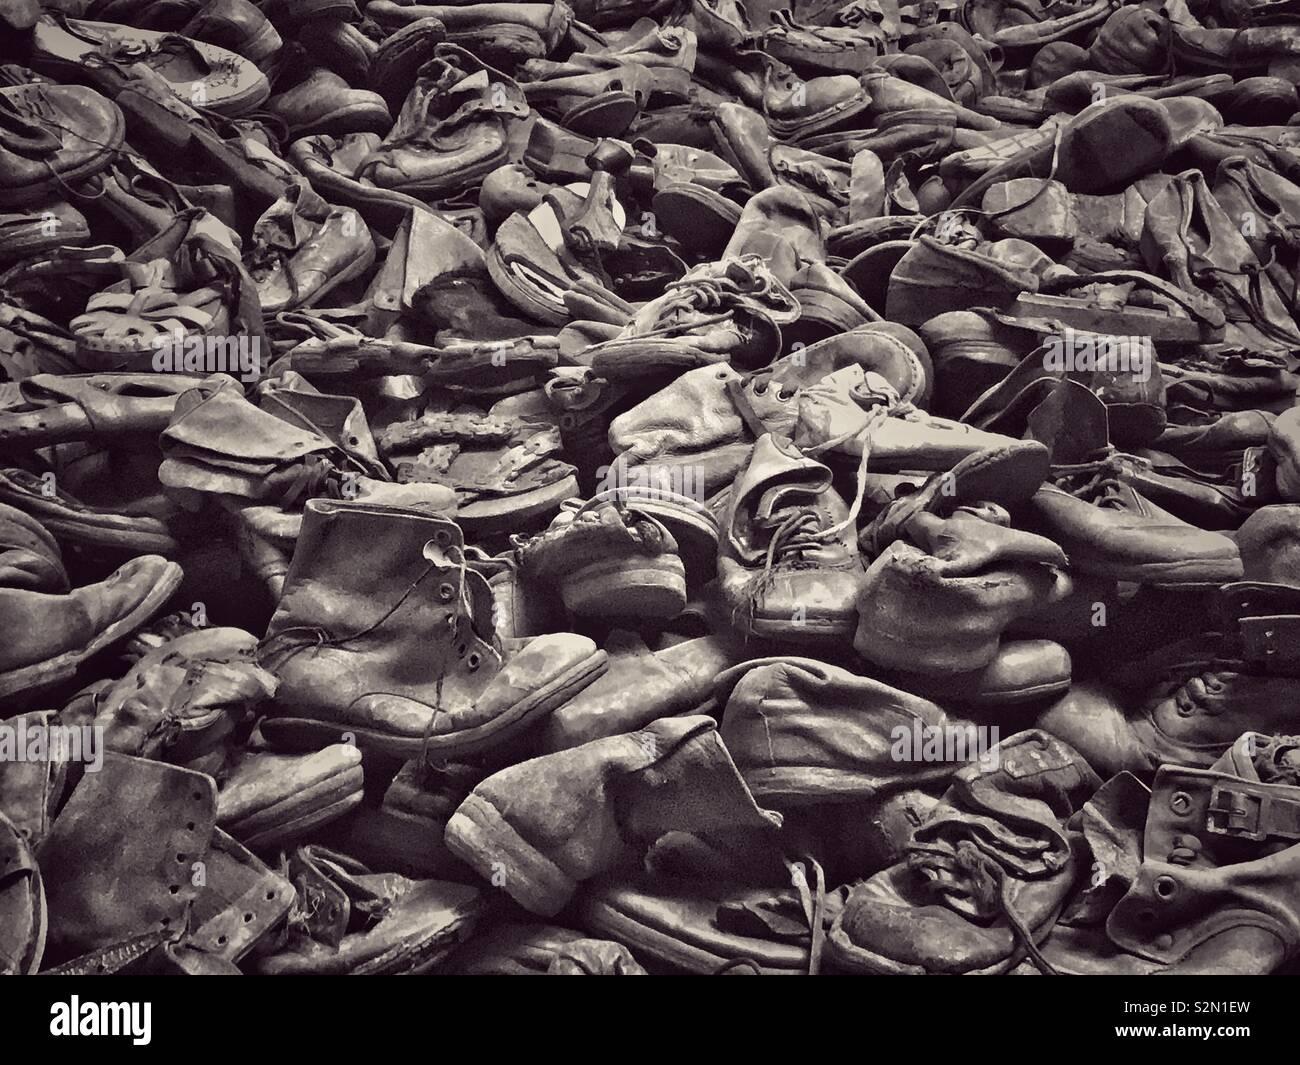 Une partie de l'énorme tas de chaussures et bottes qui ont été confisqués par les milliers de prisonniers par les nazis au camp de concentration d'Auschwitz à Oswiecim, Pologne. Le site est maintenant un musée mémorial. Photo Stock